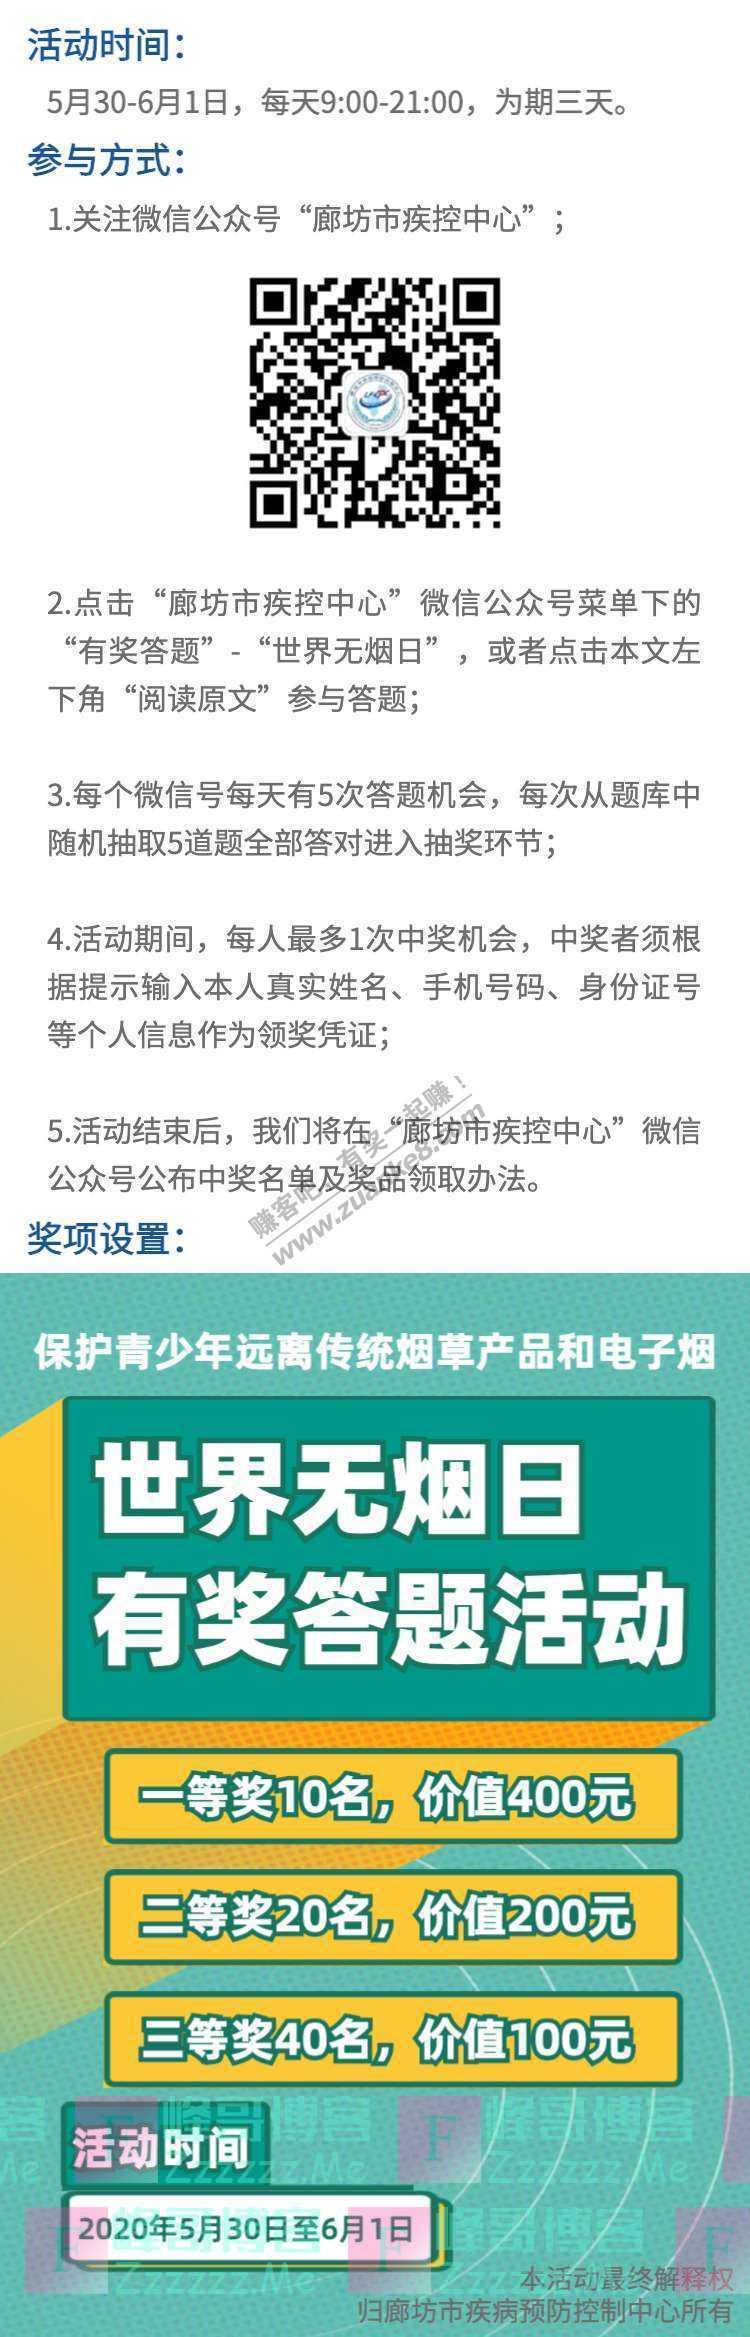 """廊坊市疾控中心""""无烟日""""有奖问答(截止6月1日)"""